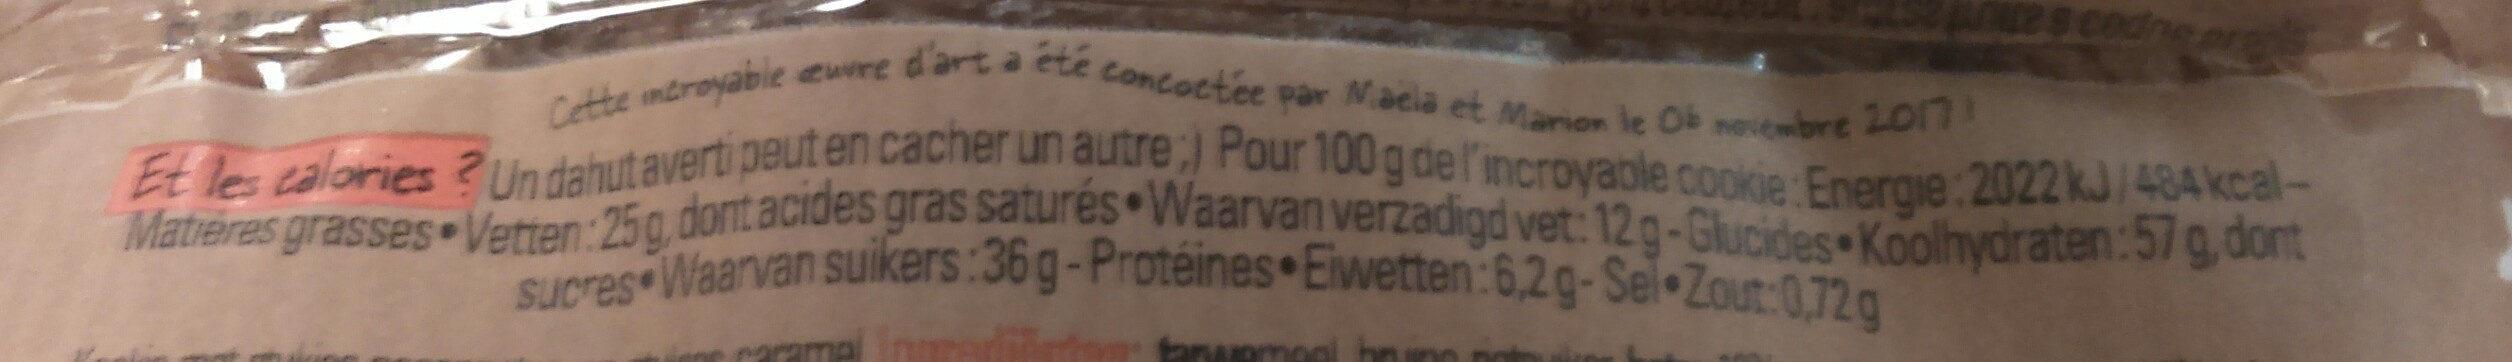 L'incroyable Cookie aux éclats de caramel et de noix de pécan - Informations nutritionnelles - fr